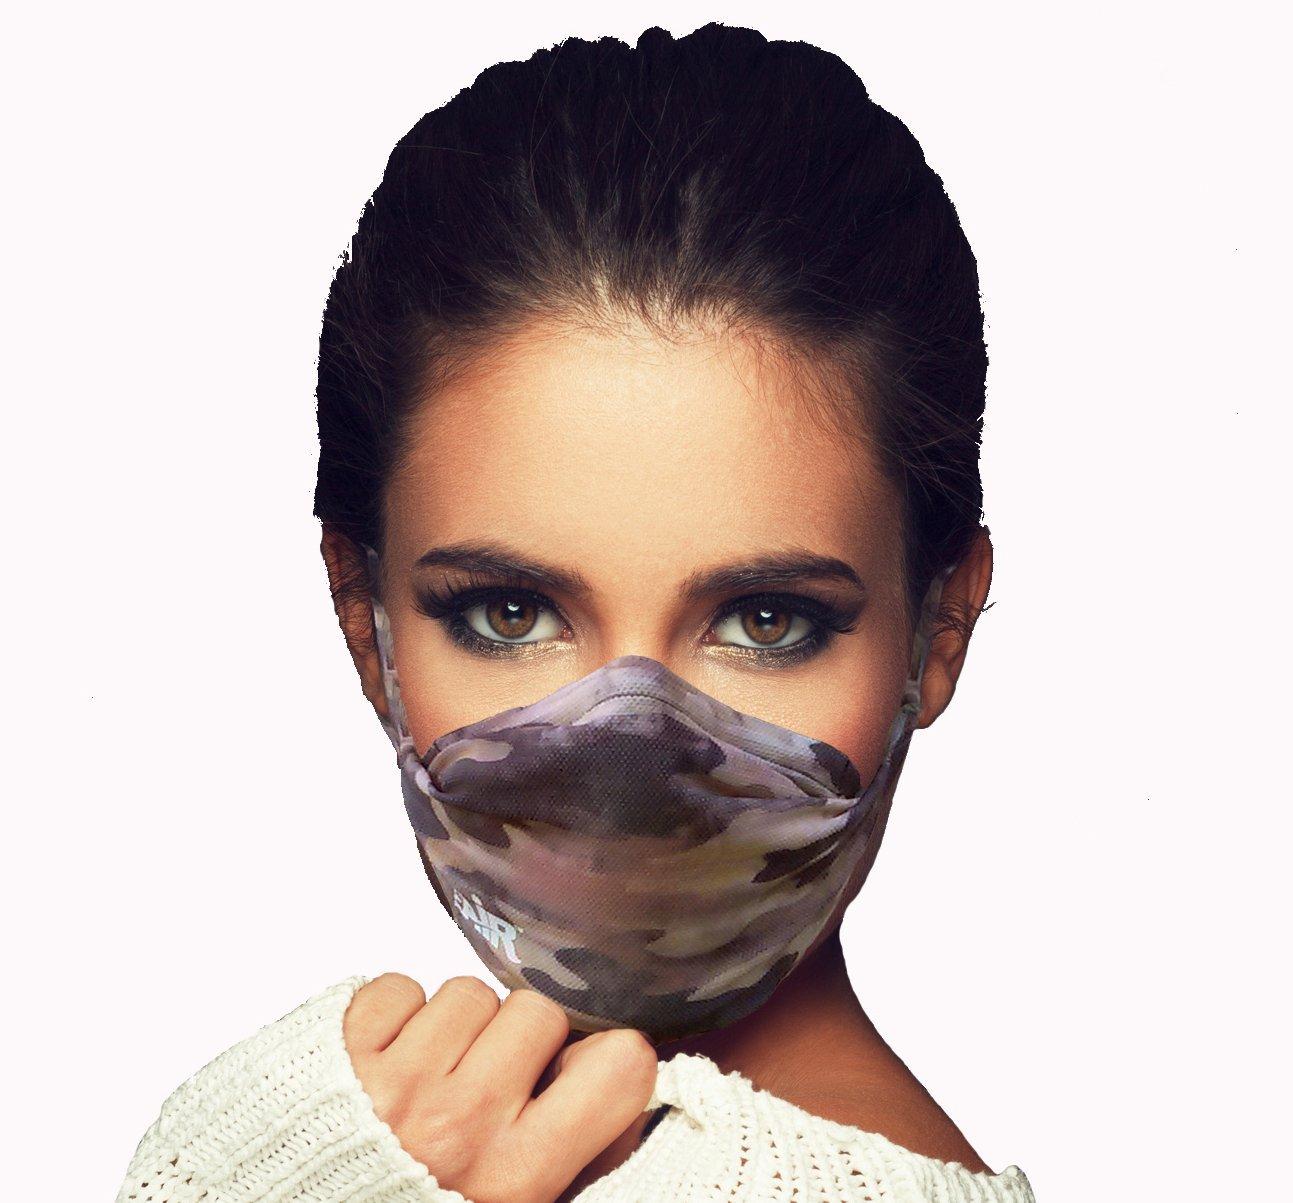 MyAir Comfort Mask, Starter Kit in Desert Camo - Made in USA.